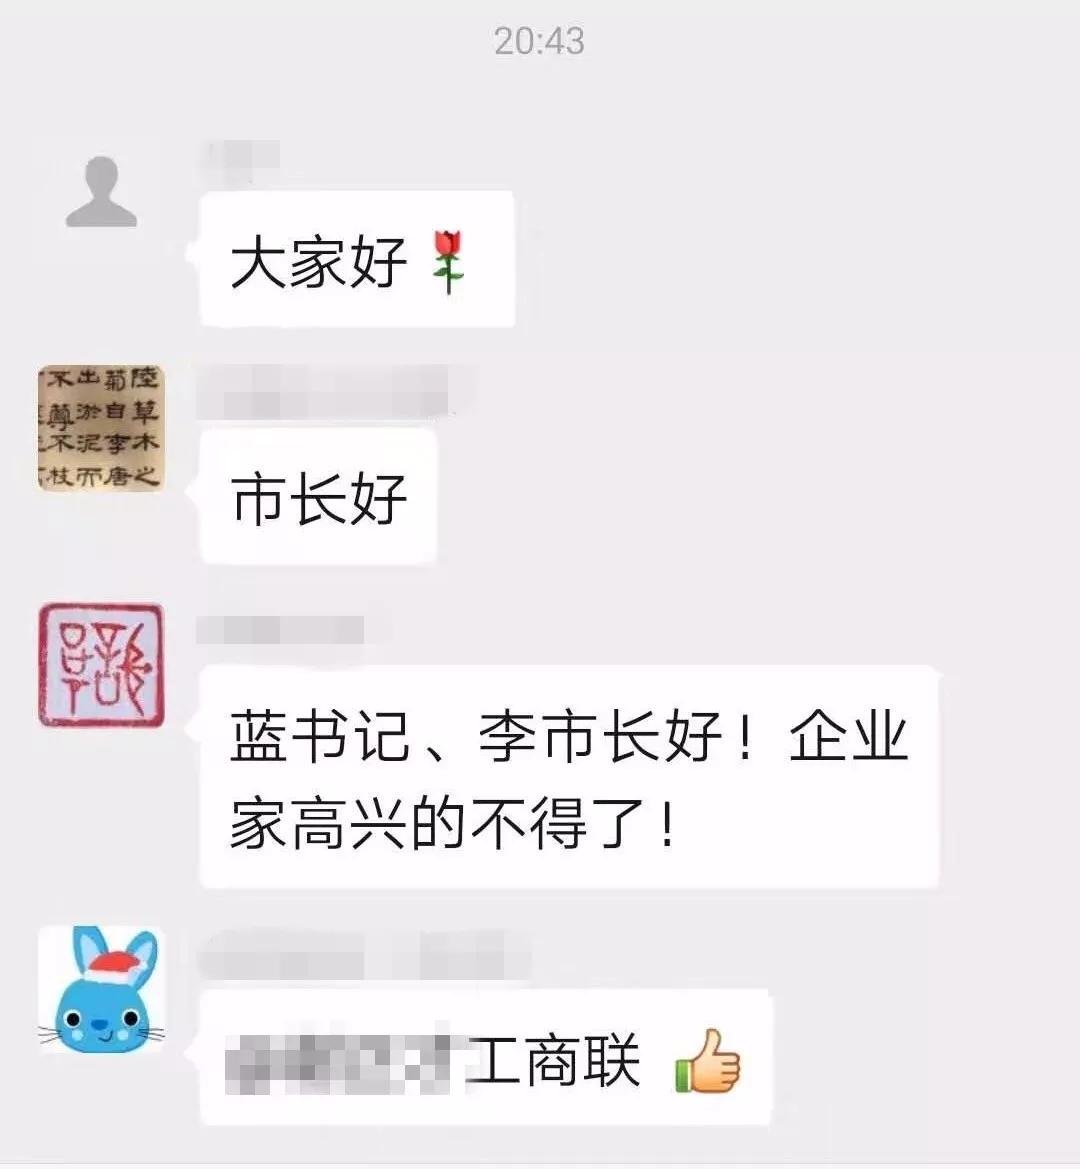 三昇体育投注平台,铃木裕致玩家公开信:希望继续制作《莎木4》